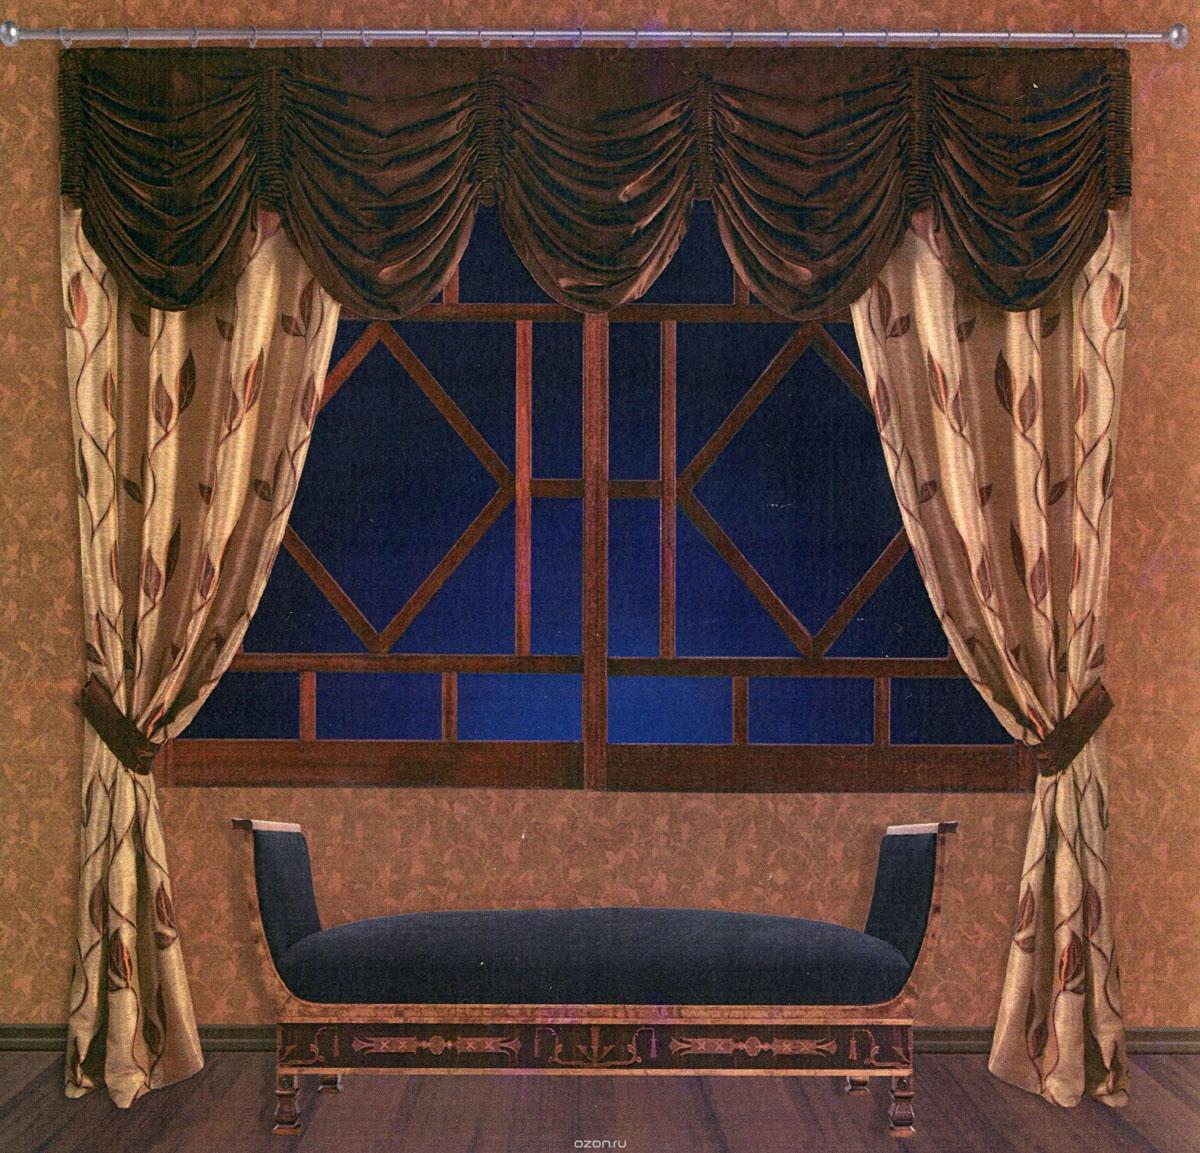 Комплект штор Zlata Korunka, на ленте, цвет: золотистый, коричневый, высота 250 см. 5550655506Роскошный комплект штор Zlata Korunka, выполненный из ткани сатин санрайз и шанзализе (100% полиэстера), великолепно украсит любое окно. Комплект состоит из двух портьер, ламбрекена и двух подхватов. Плотная ткань, изображение листьев и приятная, приглушенная гамма привлекут к себе внимание и органично впишутся в интерьер помещения. Комплект крепится на карниз при помощи шторной ленты, которая поможет красиво и равномерно задрапировать верх. Портьеры можно зафиксировать в одном положении с помощью двух подхватов. Этот комплект будет долгое время радовать вас и вашу семью! В комплект входит: Портьера: 2 шт. Размер (ШхВ): 145 см х 250 см. Ламбрекен: 1 шт. Размер (ШхВ): 300 см х 50 см. Подхват: 2 шт. Размер (ШхВ): 60 см х 10 см.